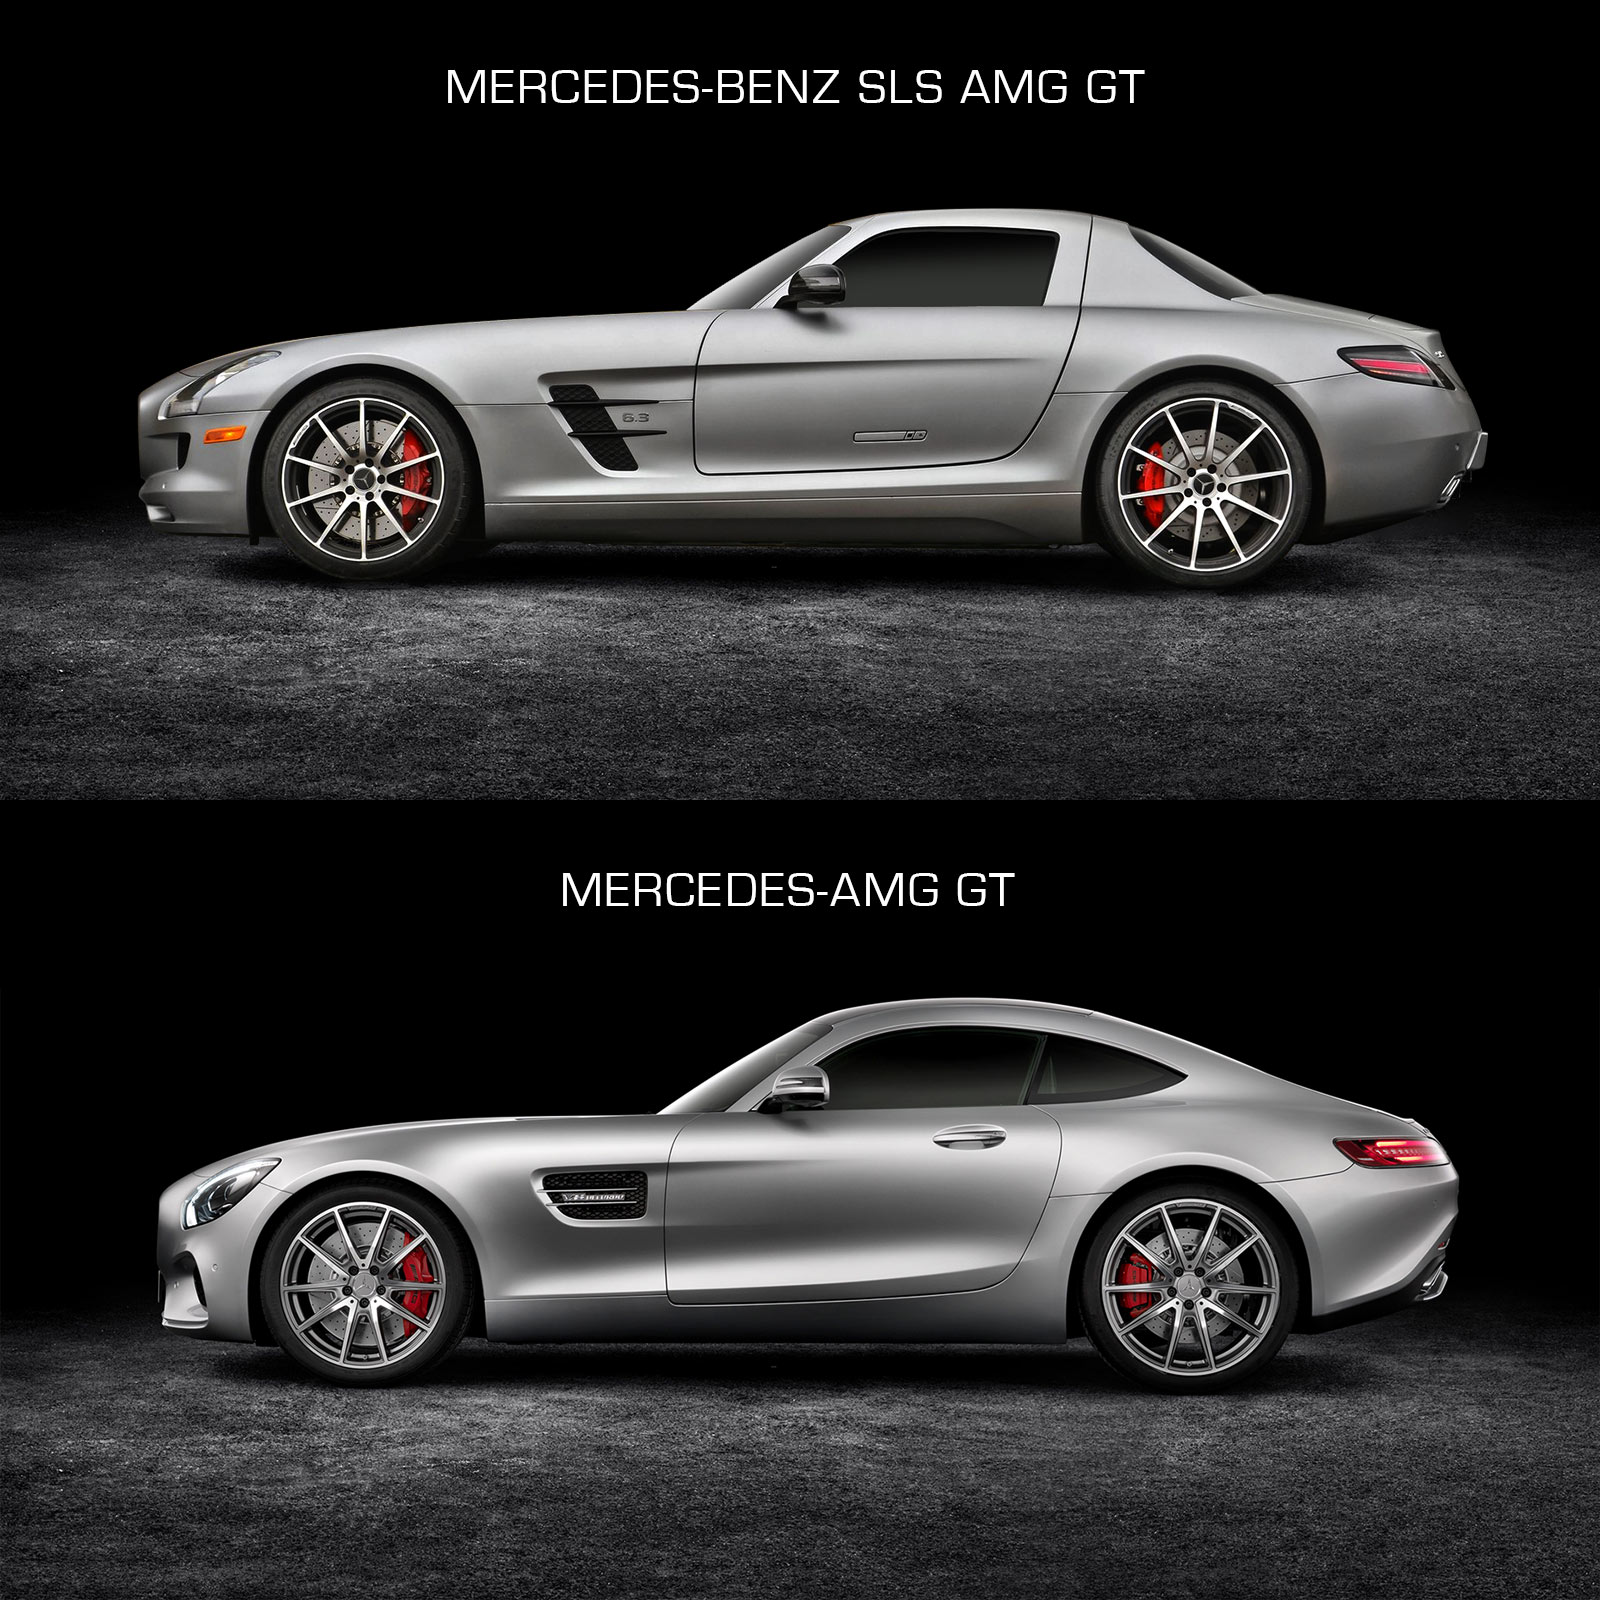 Mercedes-Benz SLS AMG GT And Mercedes-AMG GT